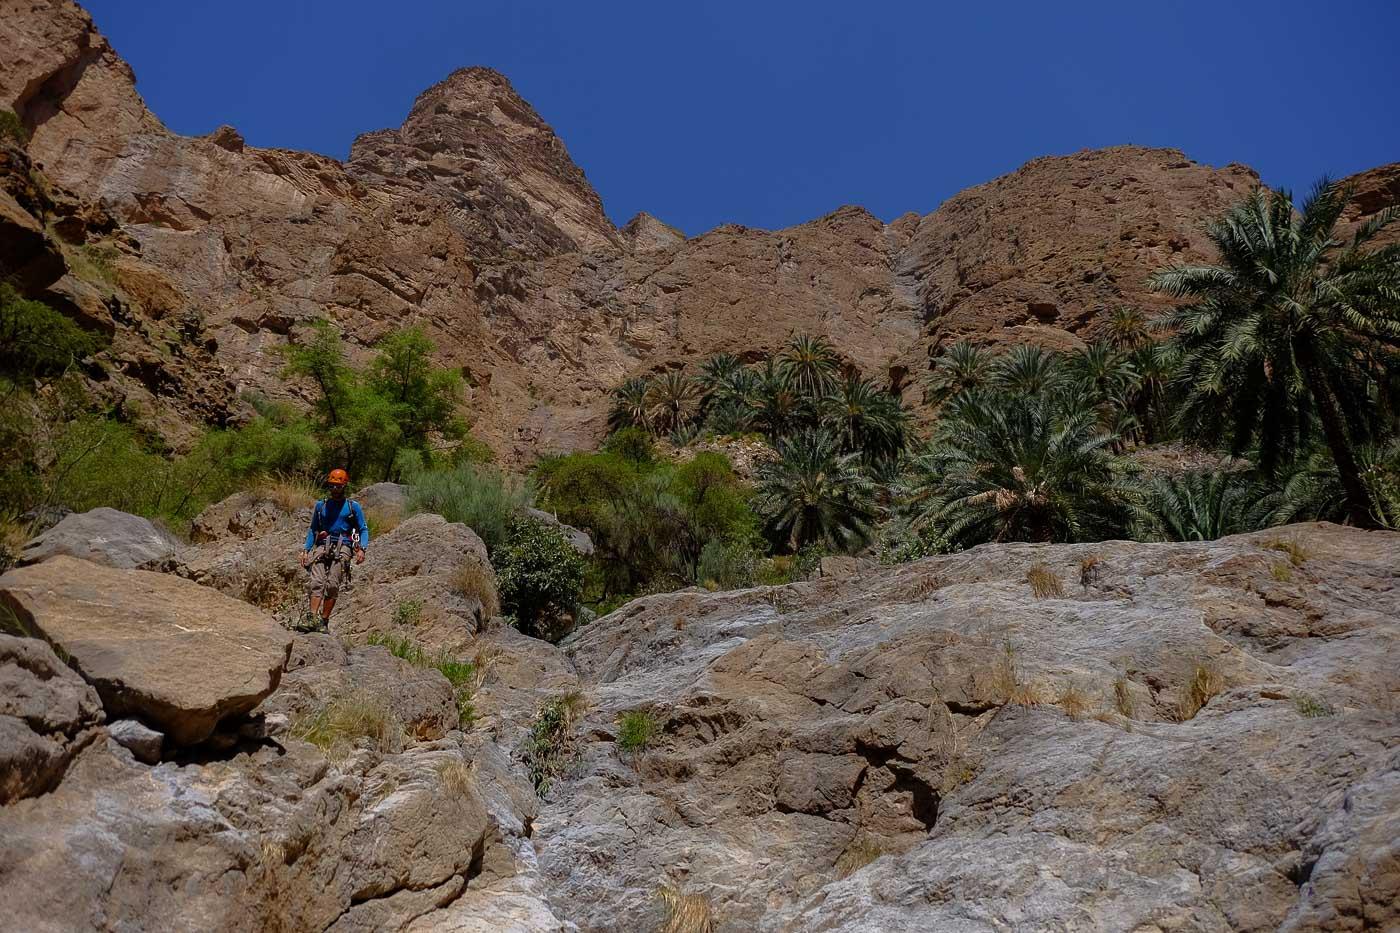 Wadi Hijri, Sayq plateau 27